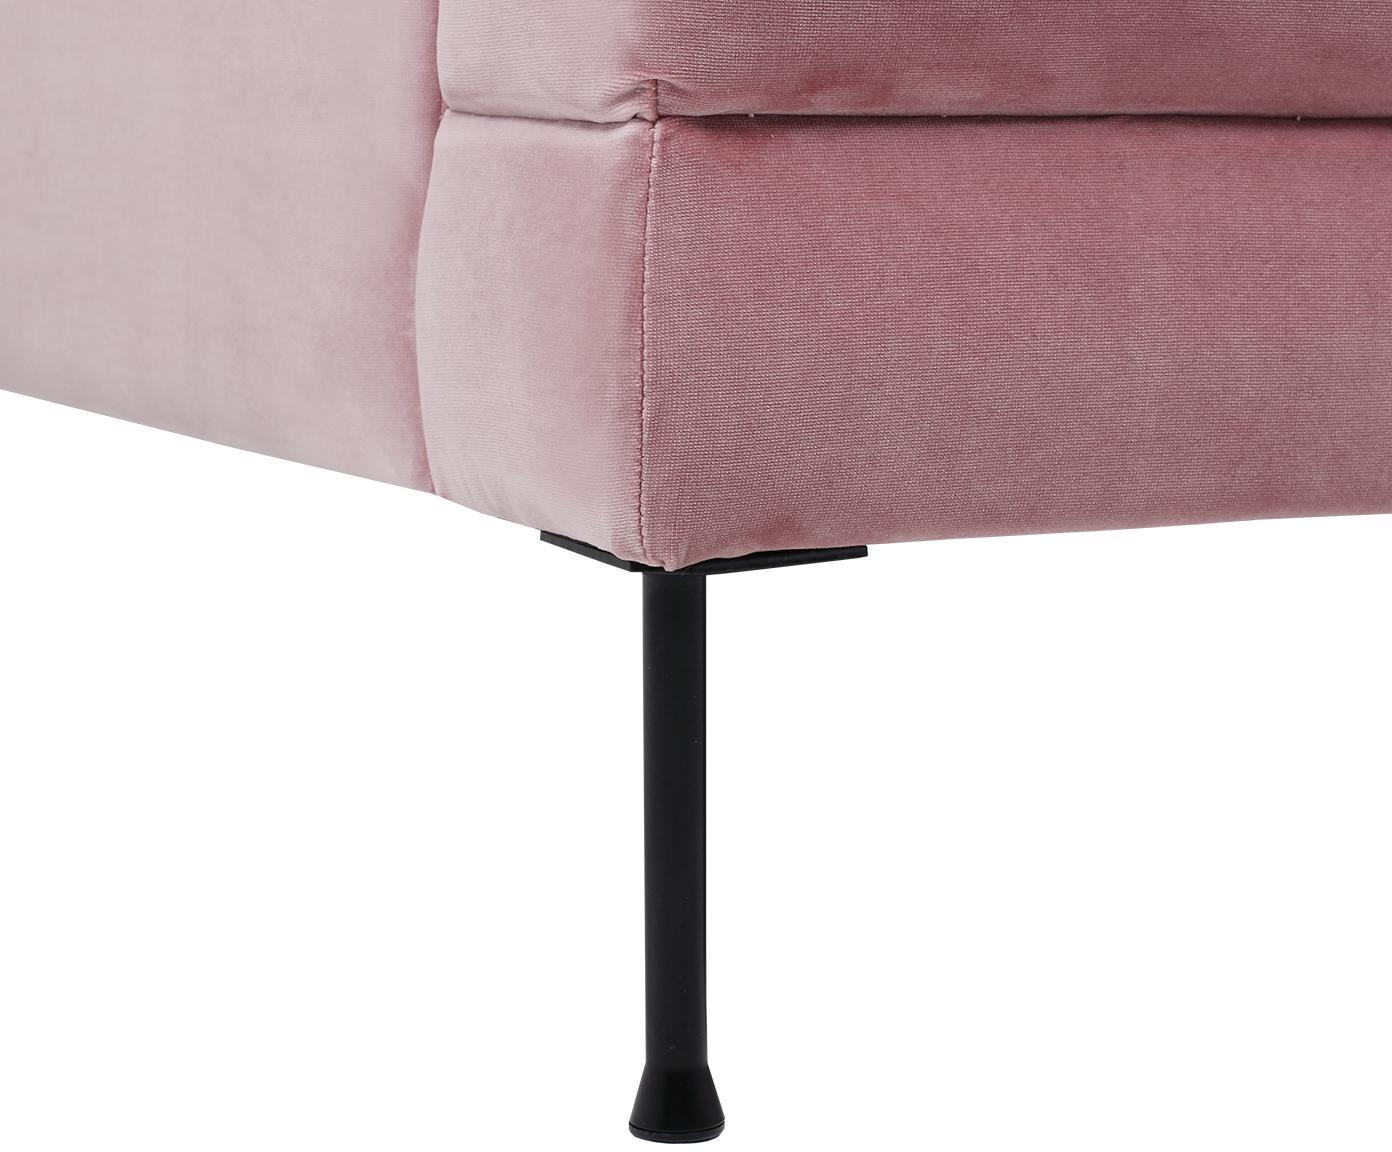 Divano 2 posti in velluto rosa Fluente, Rivestimento: velluto (copertura in pol, Struttura: legno di pino massiccio, Piedini: metallo verniciato, Velluto rosa, Larg. 168 x Prof. 83 cm